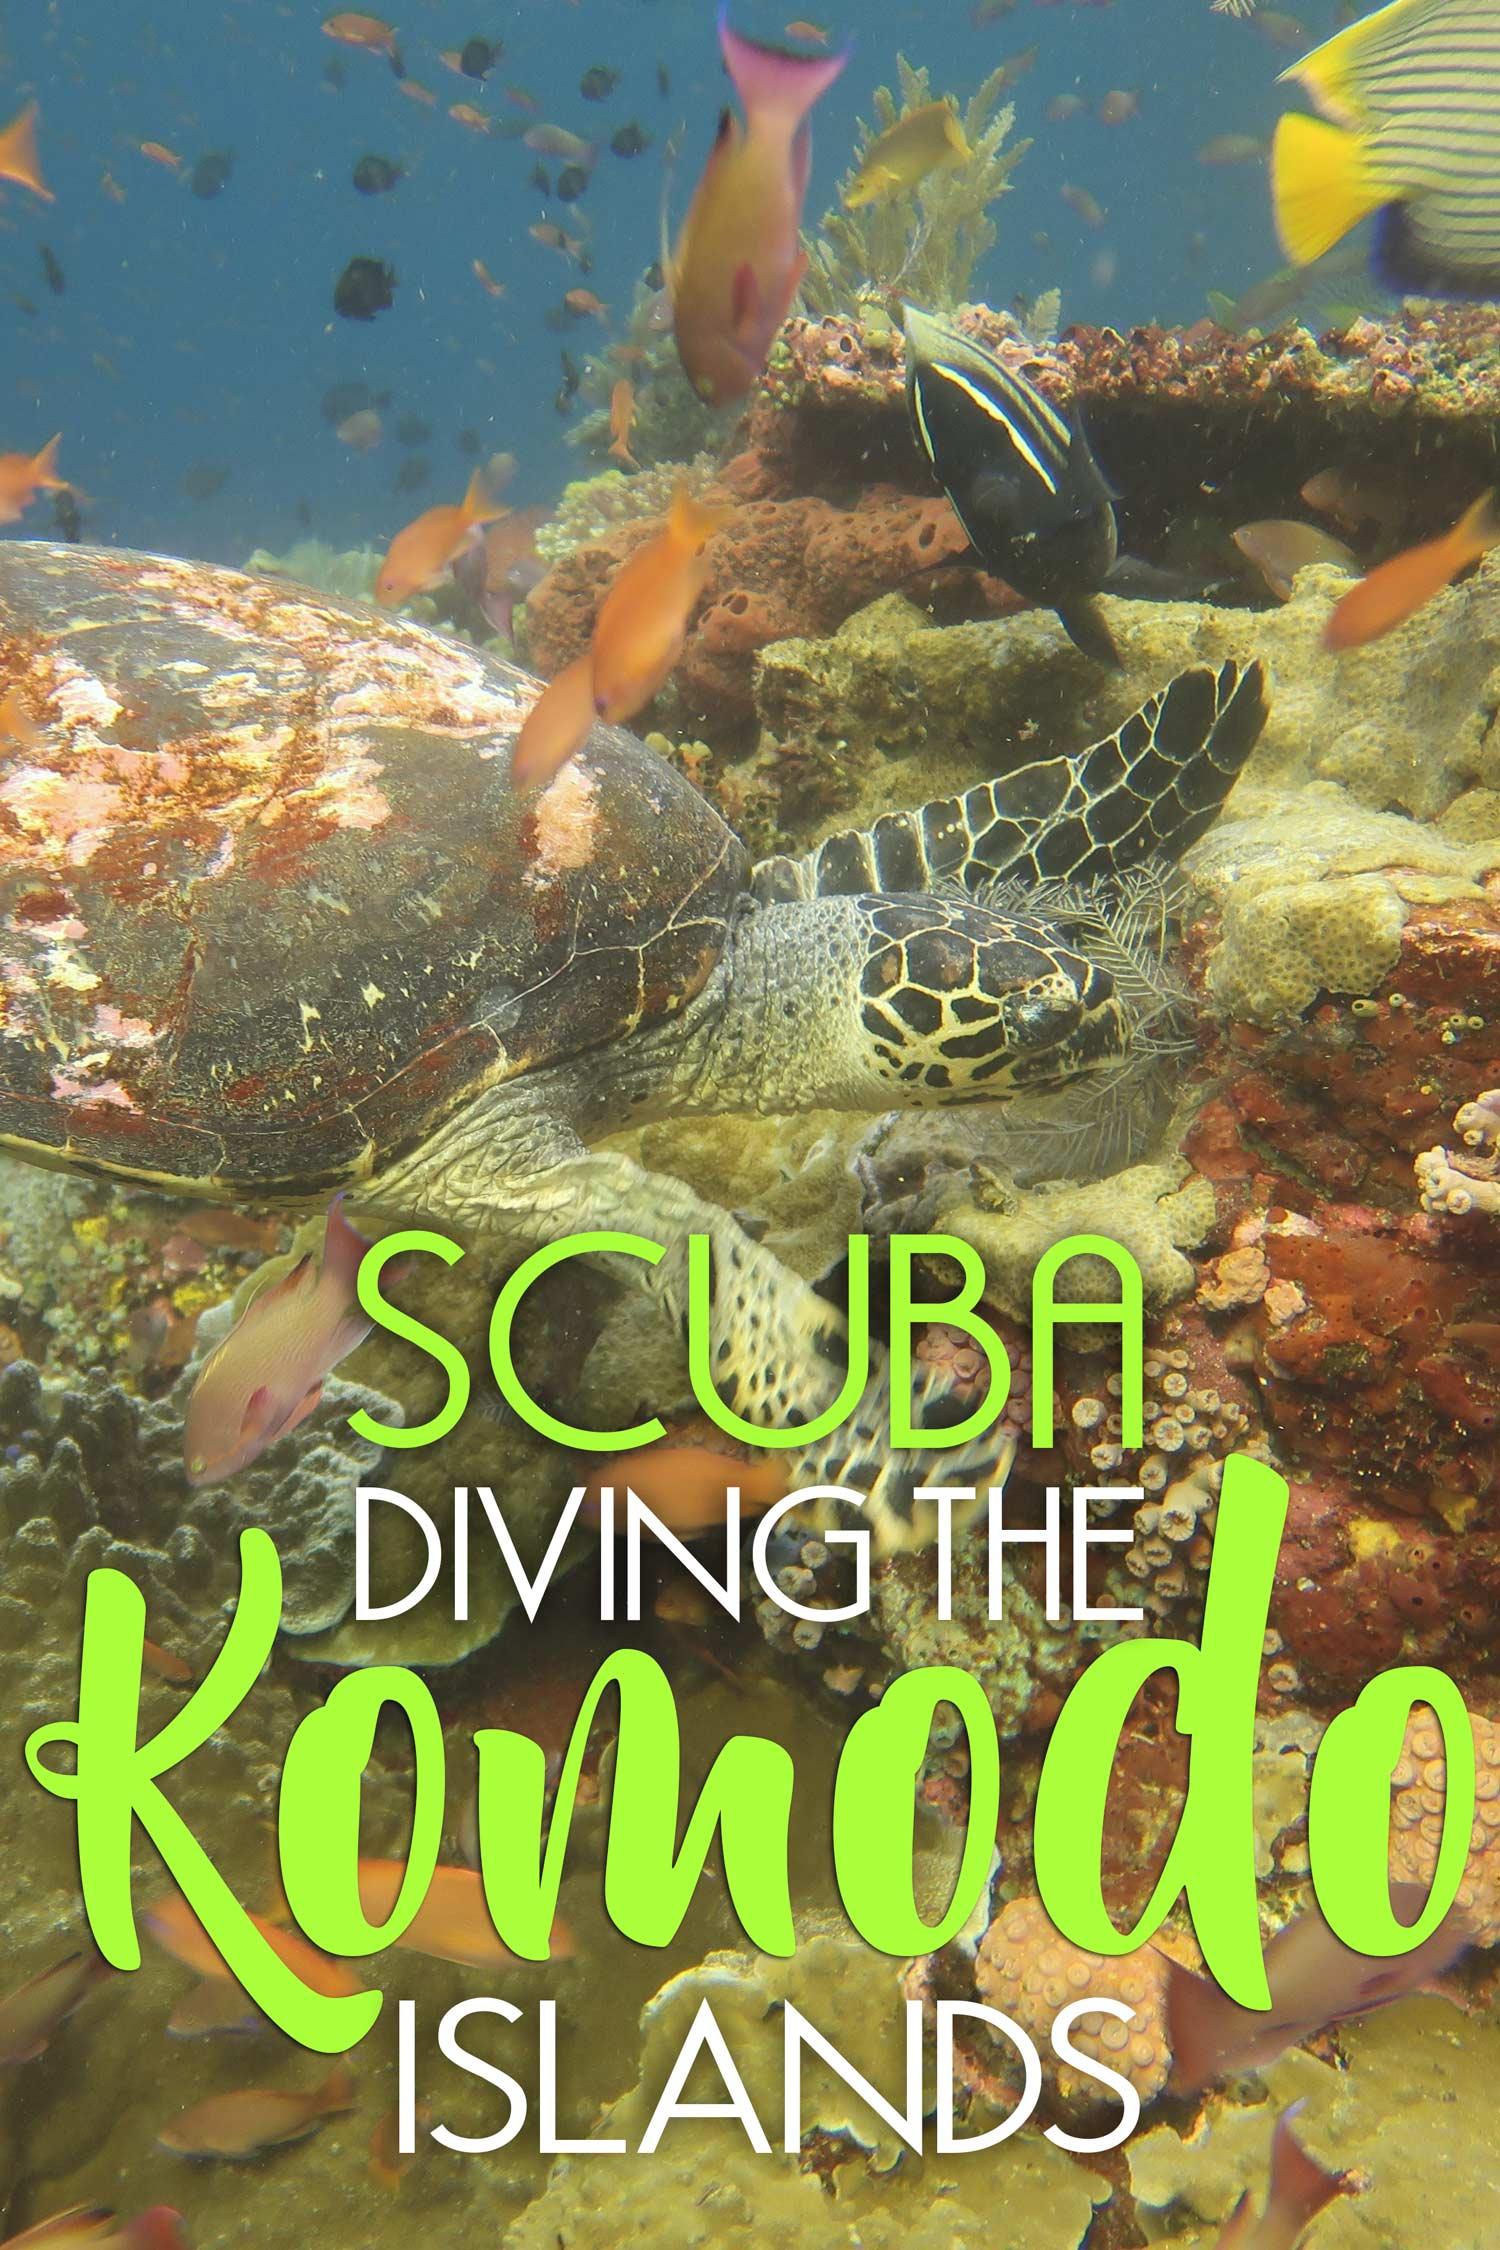 Scuba Diving the Komodo Islands